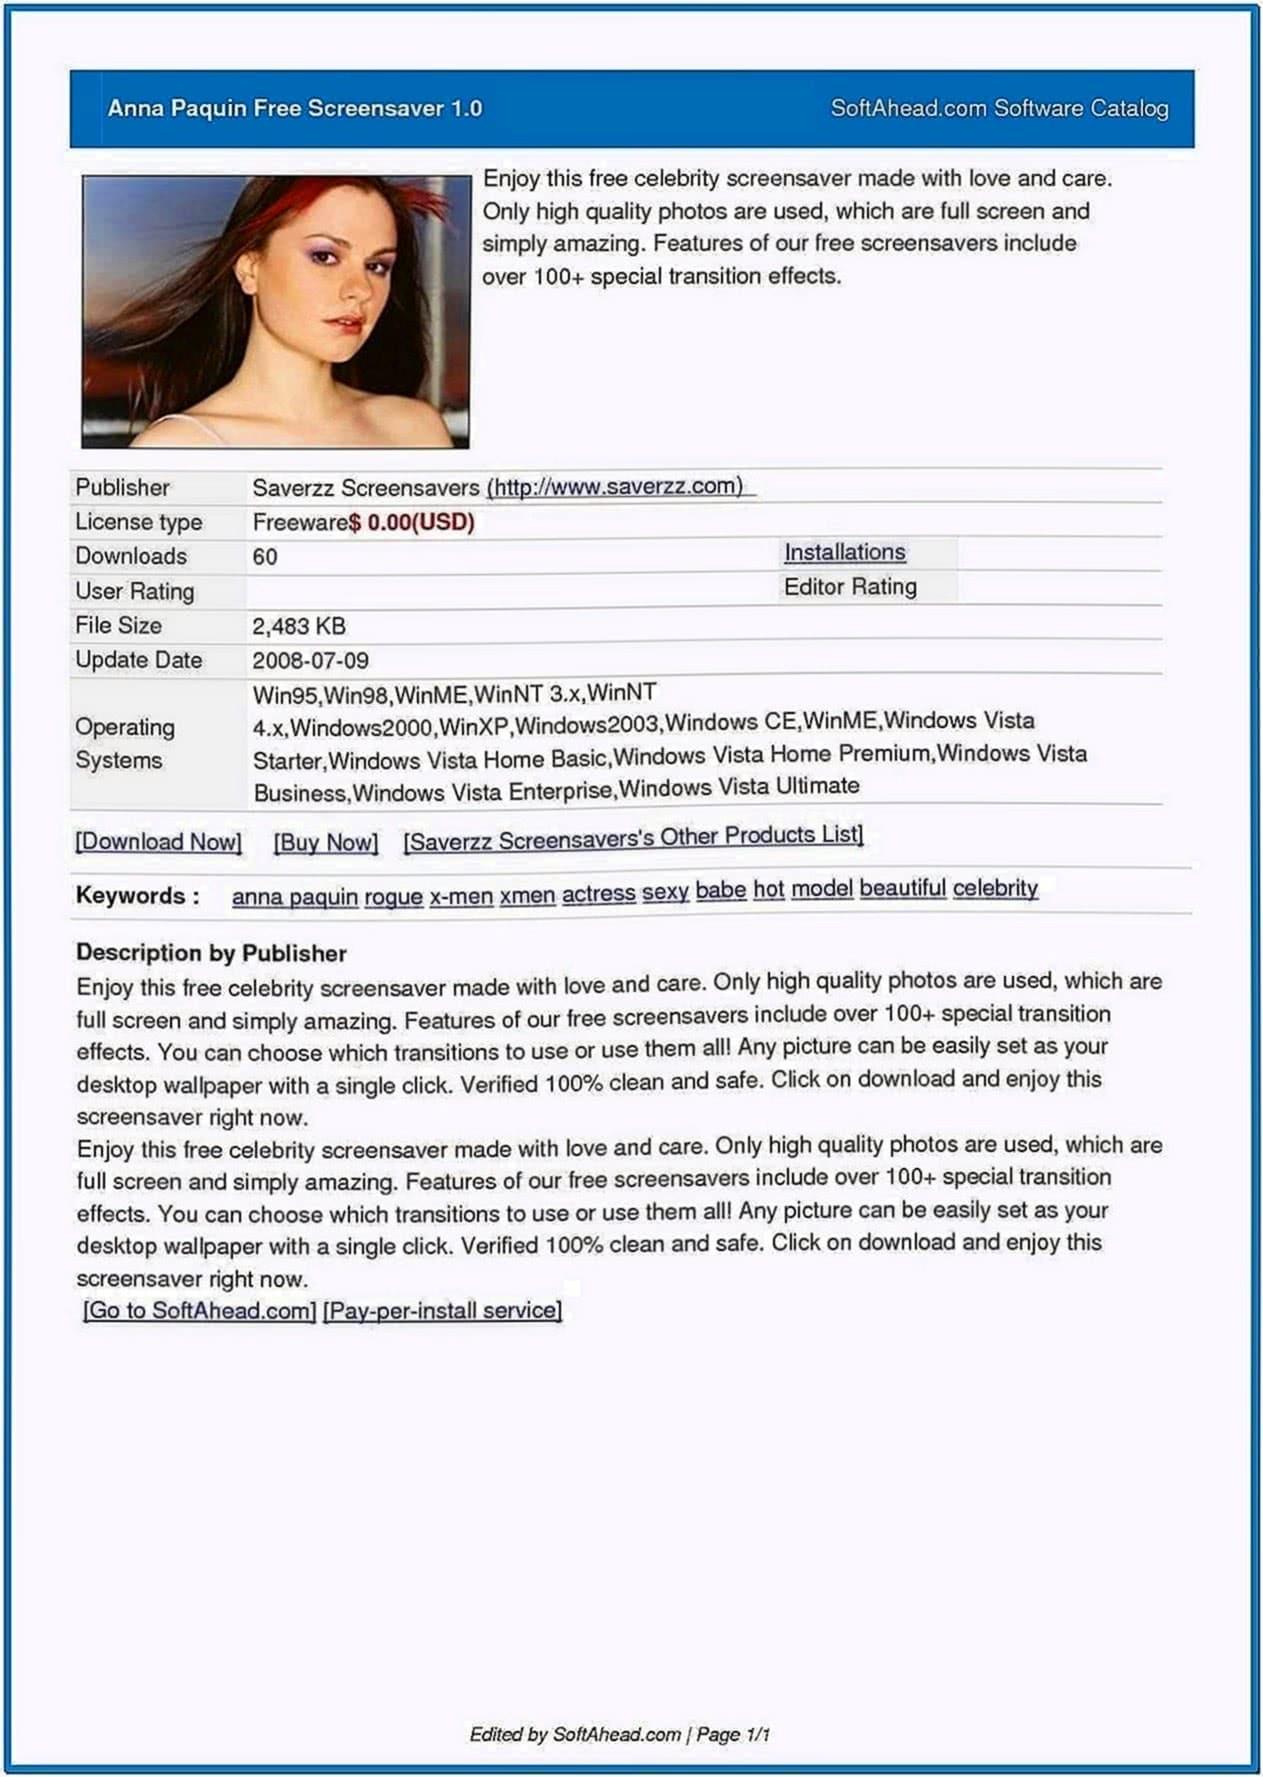 Anna Screensaver 1.0